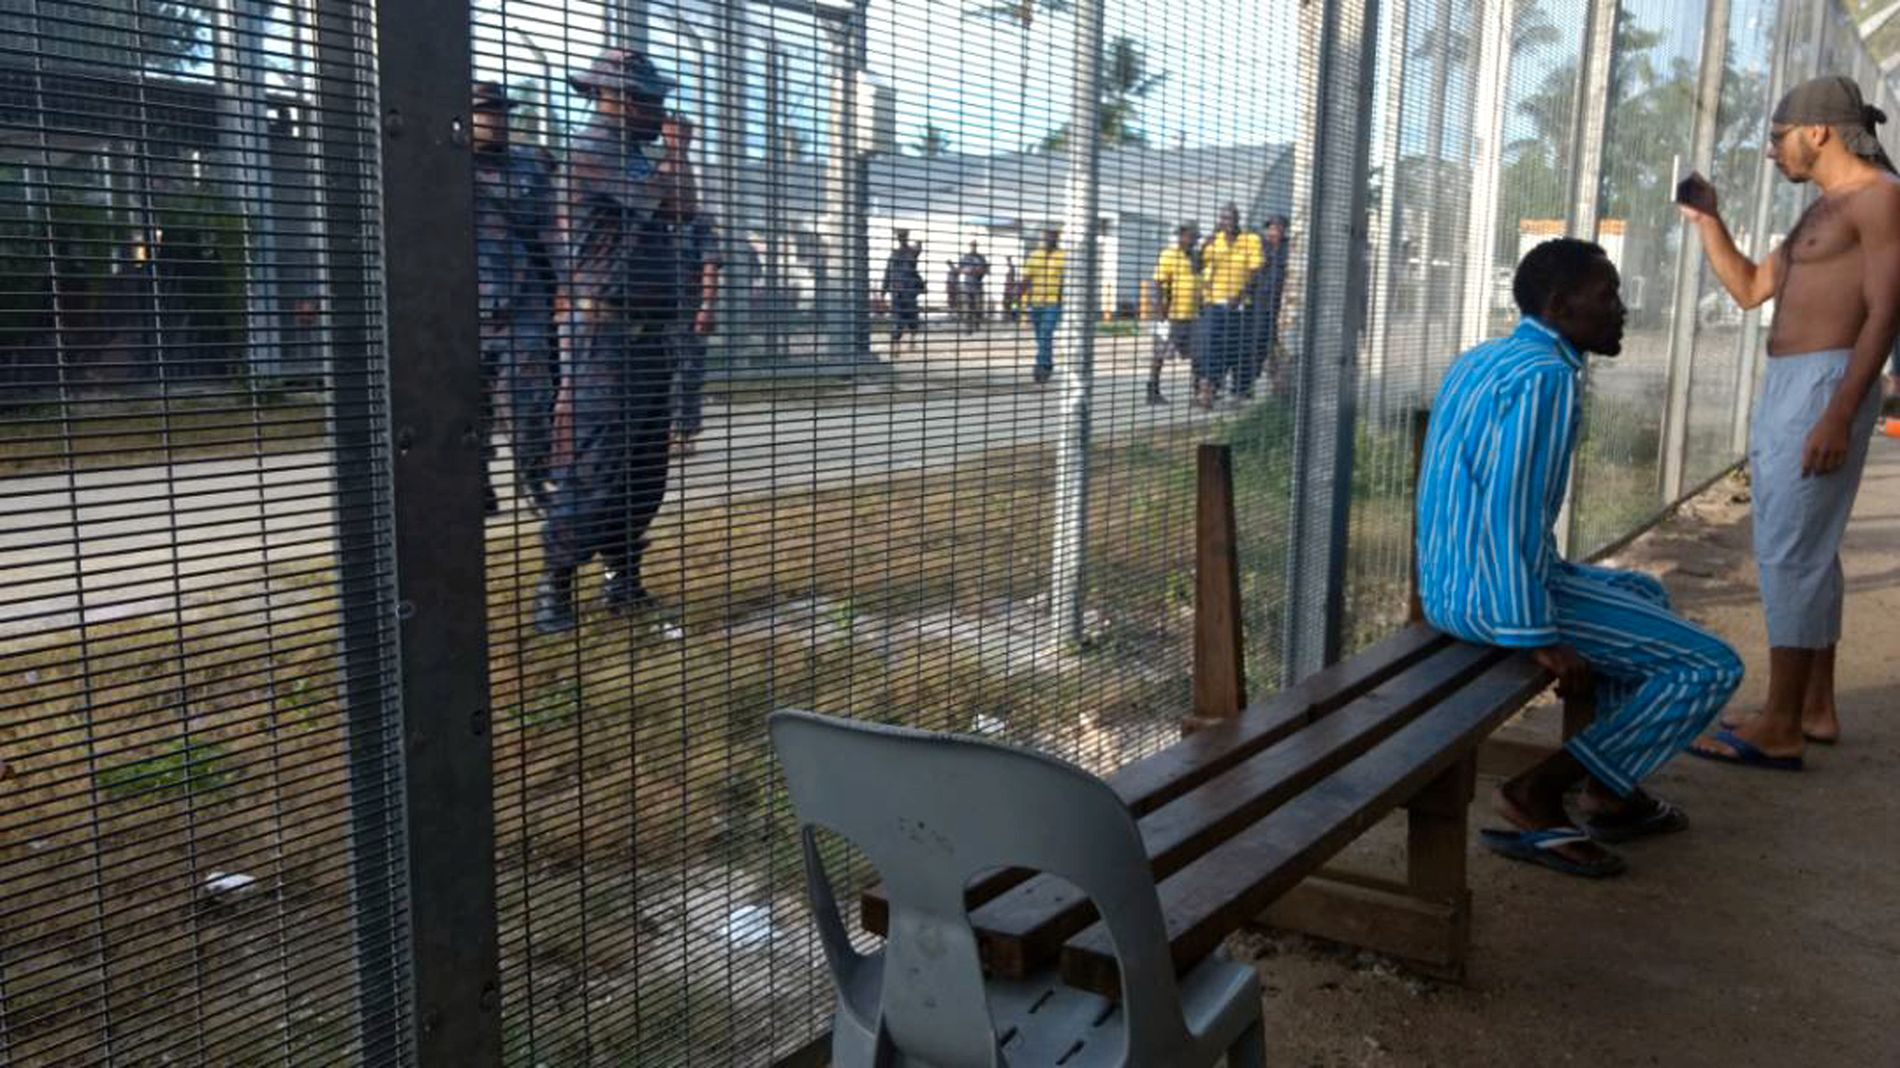 GIKK HARDT FREM: Politiet i Manus-leiren torsdag. Nå anklages de for vold mot asylsøkerne under flyttingen.